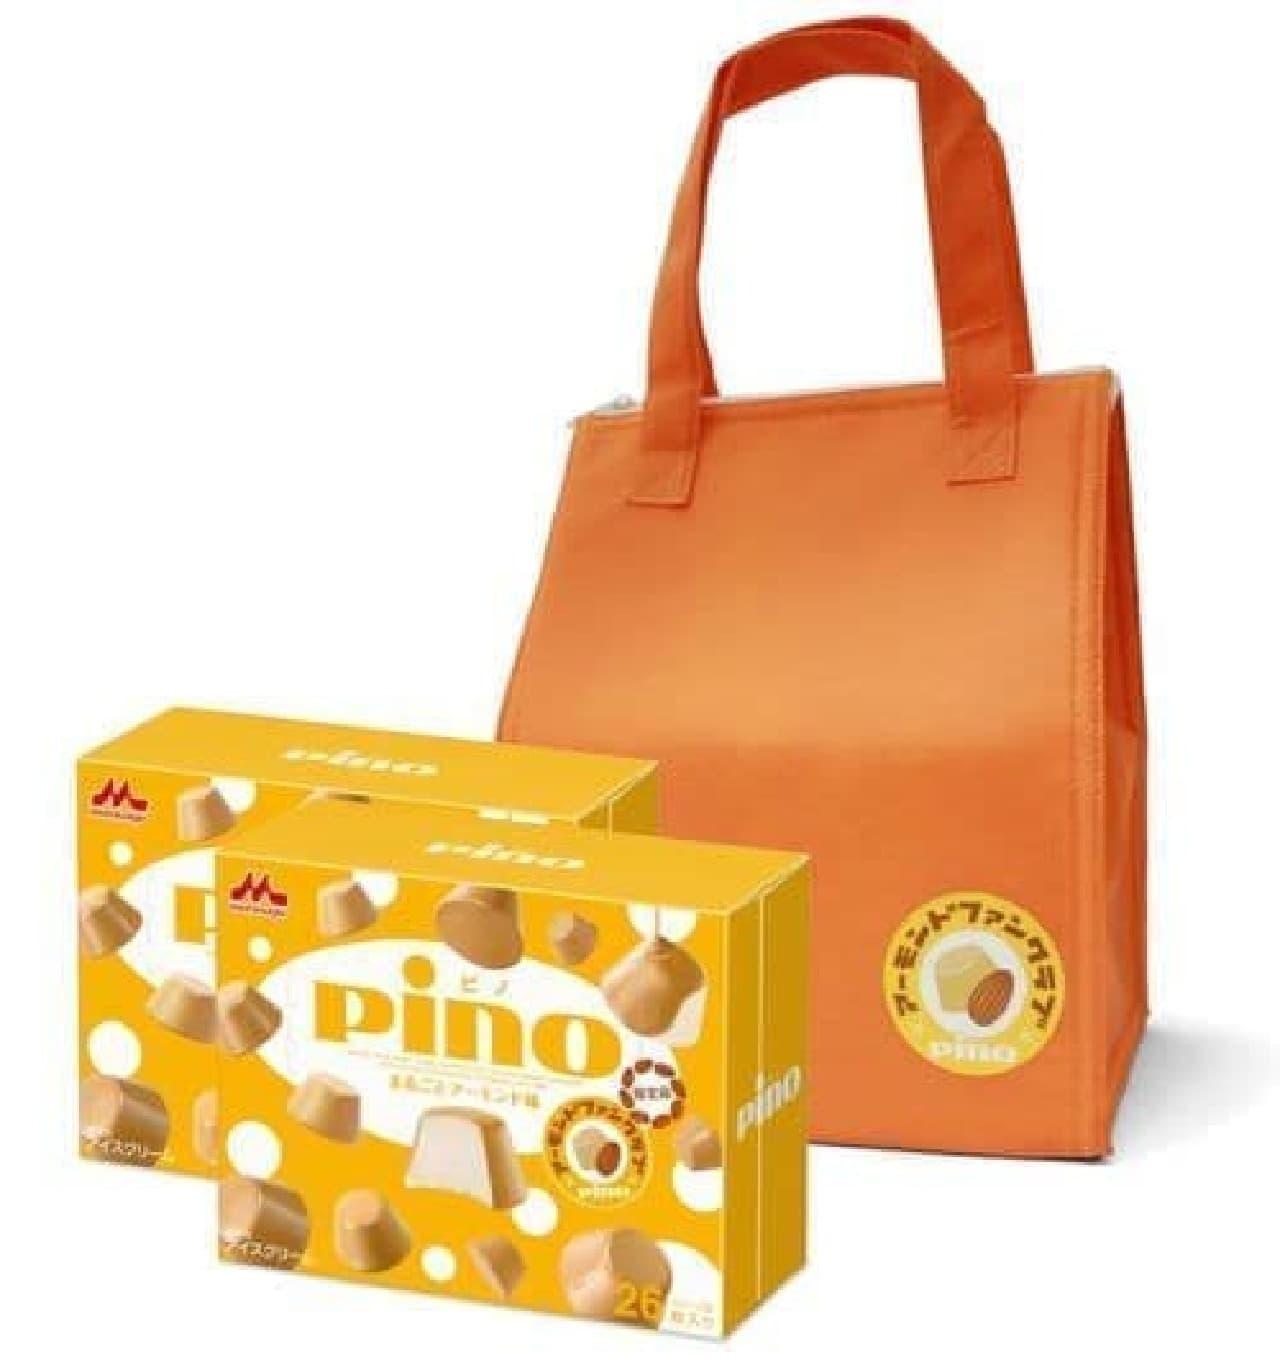 「ピノ まるごとアーモンド味」セットは「ピノまるごとアーモンド味」2箱にファンクラブオリジナル保冷バッグが組み合わせられたセット